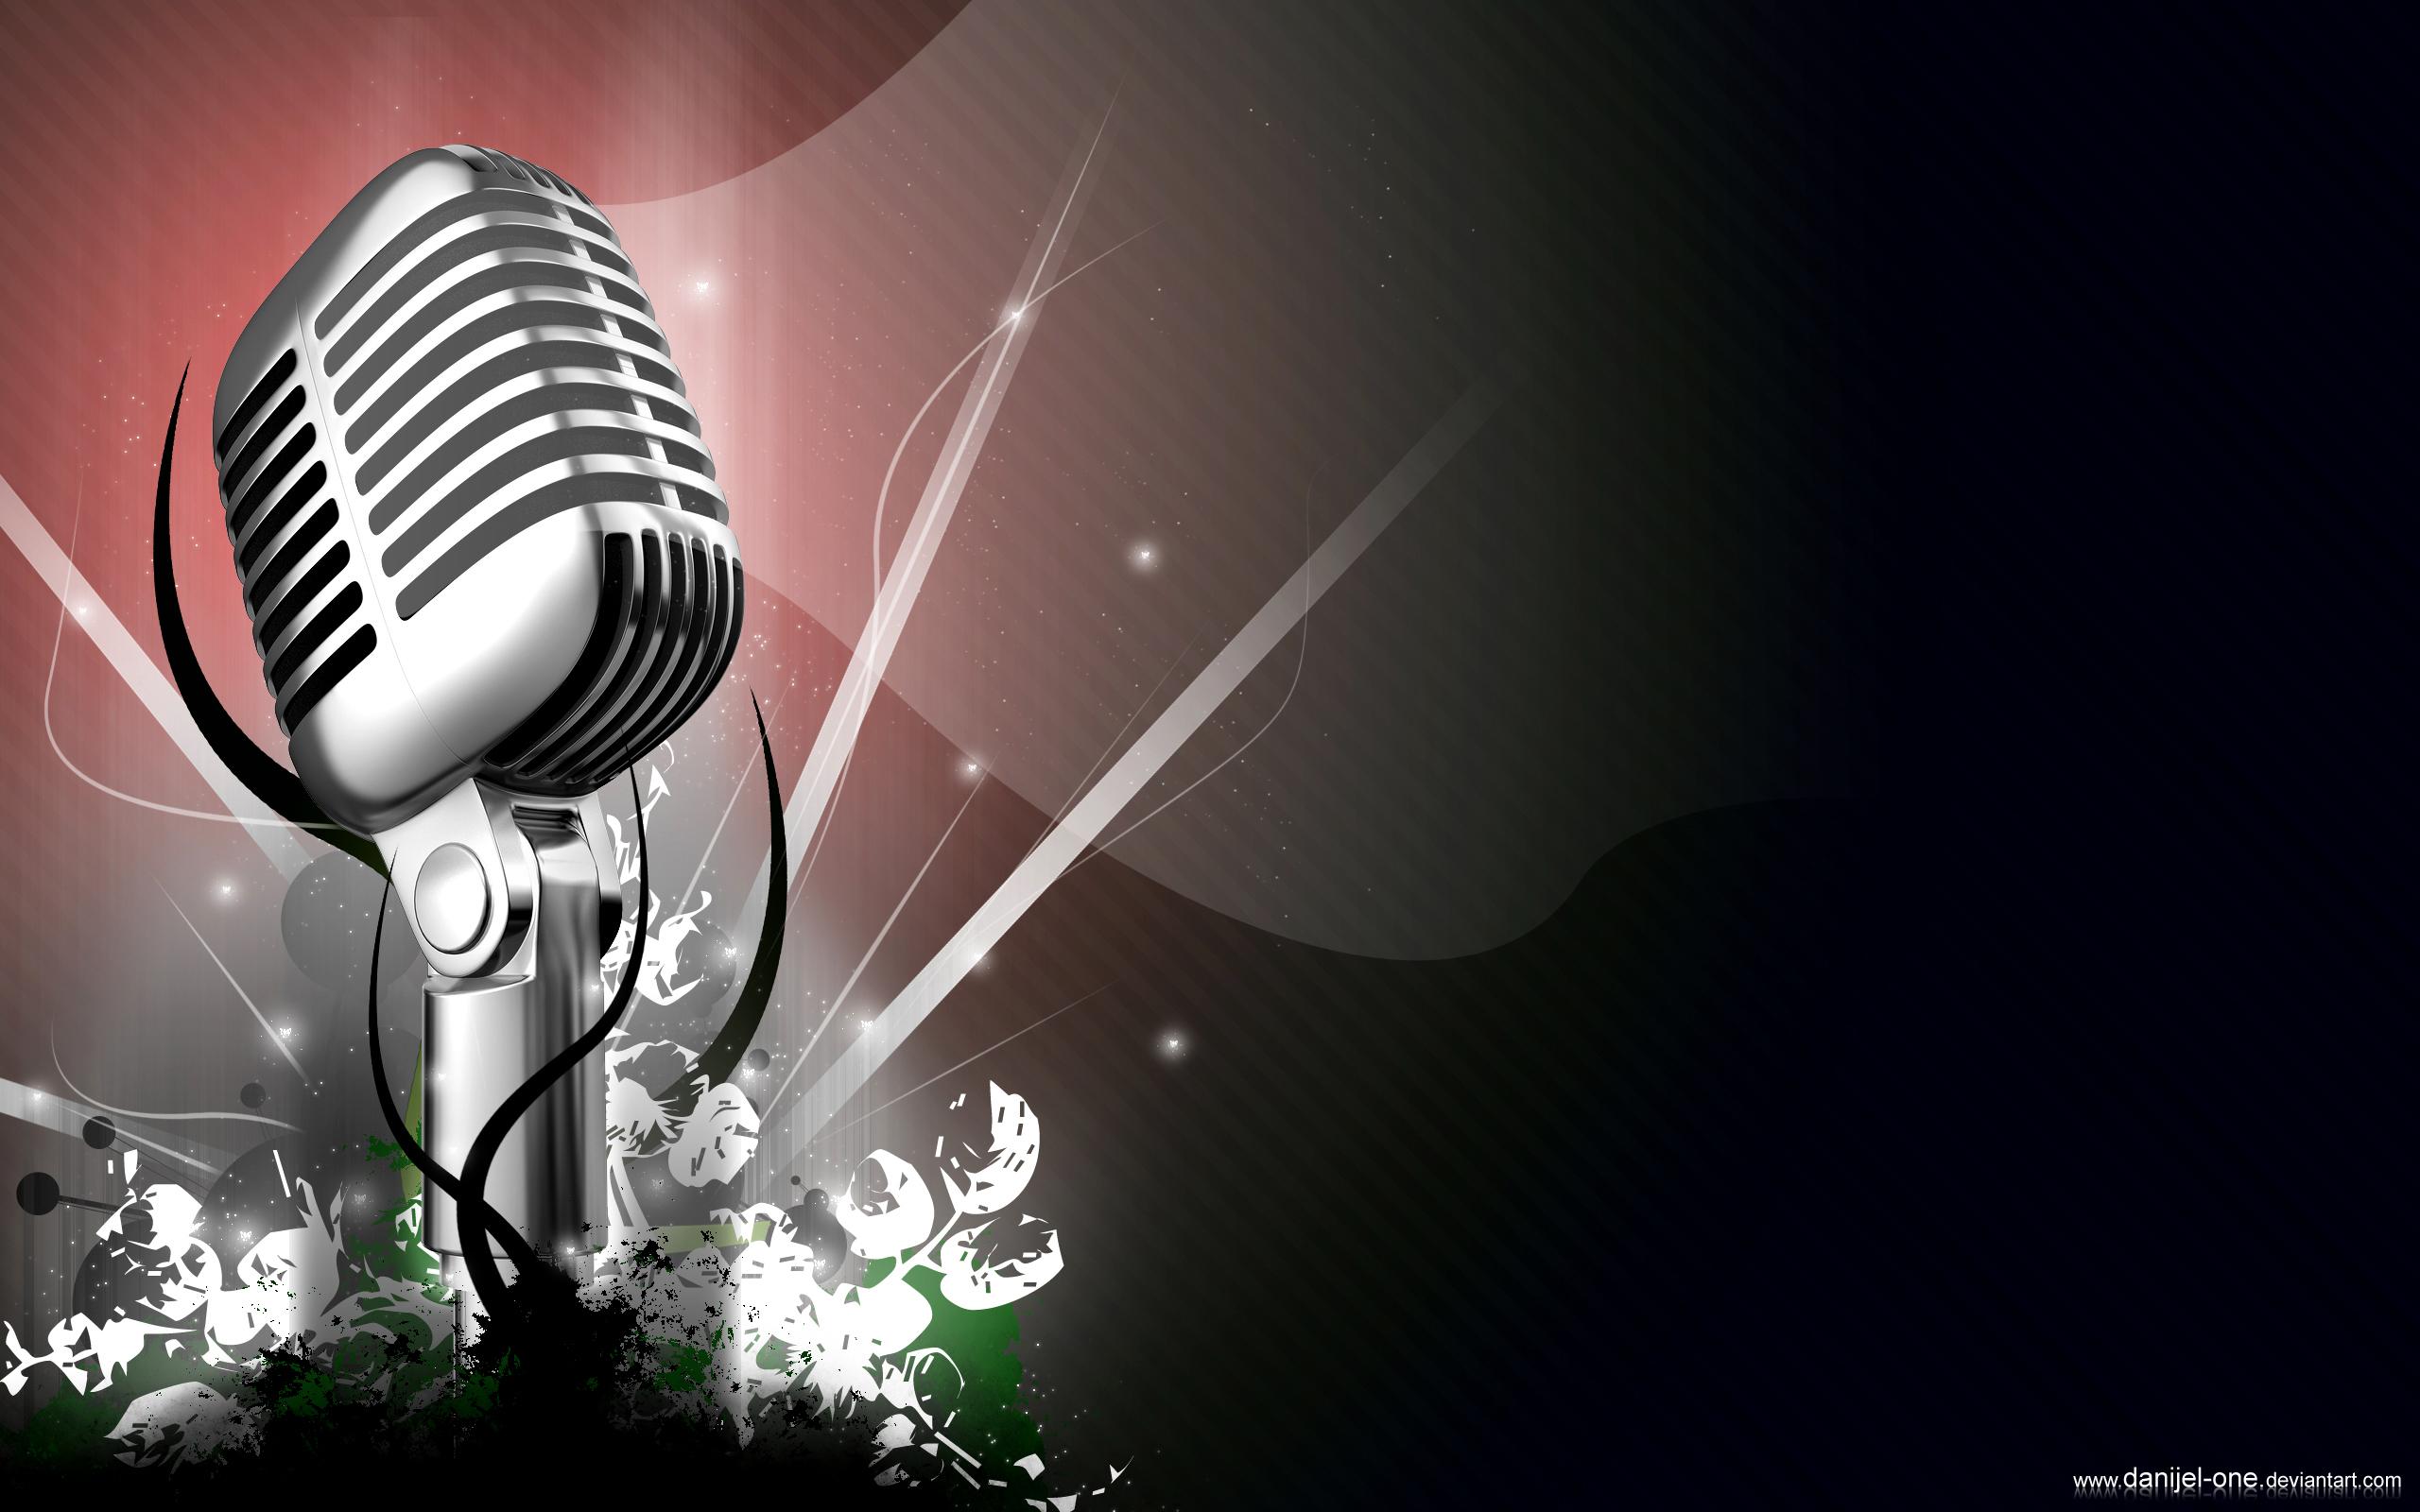 рождения картинки на тему музыки и микрофонов днем российской гвардии